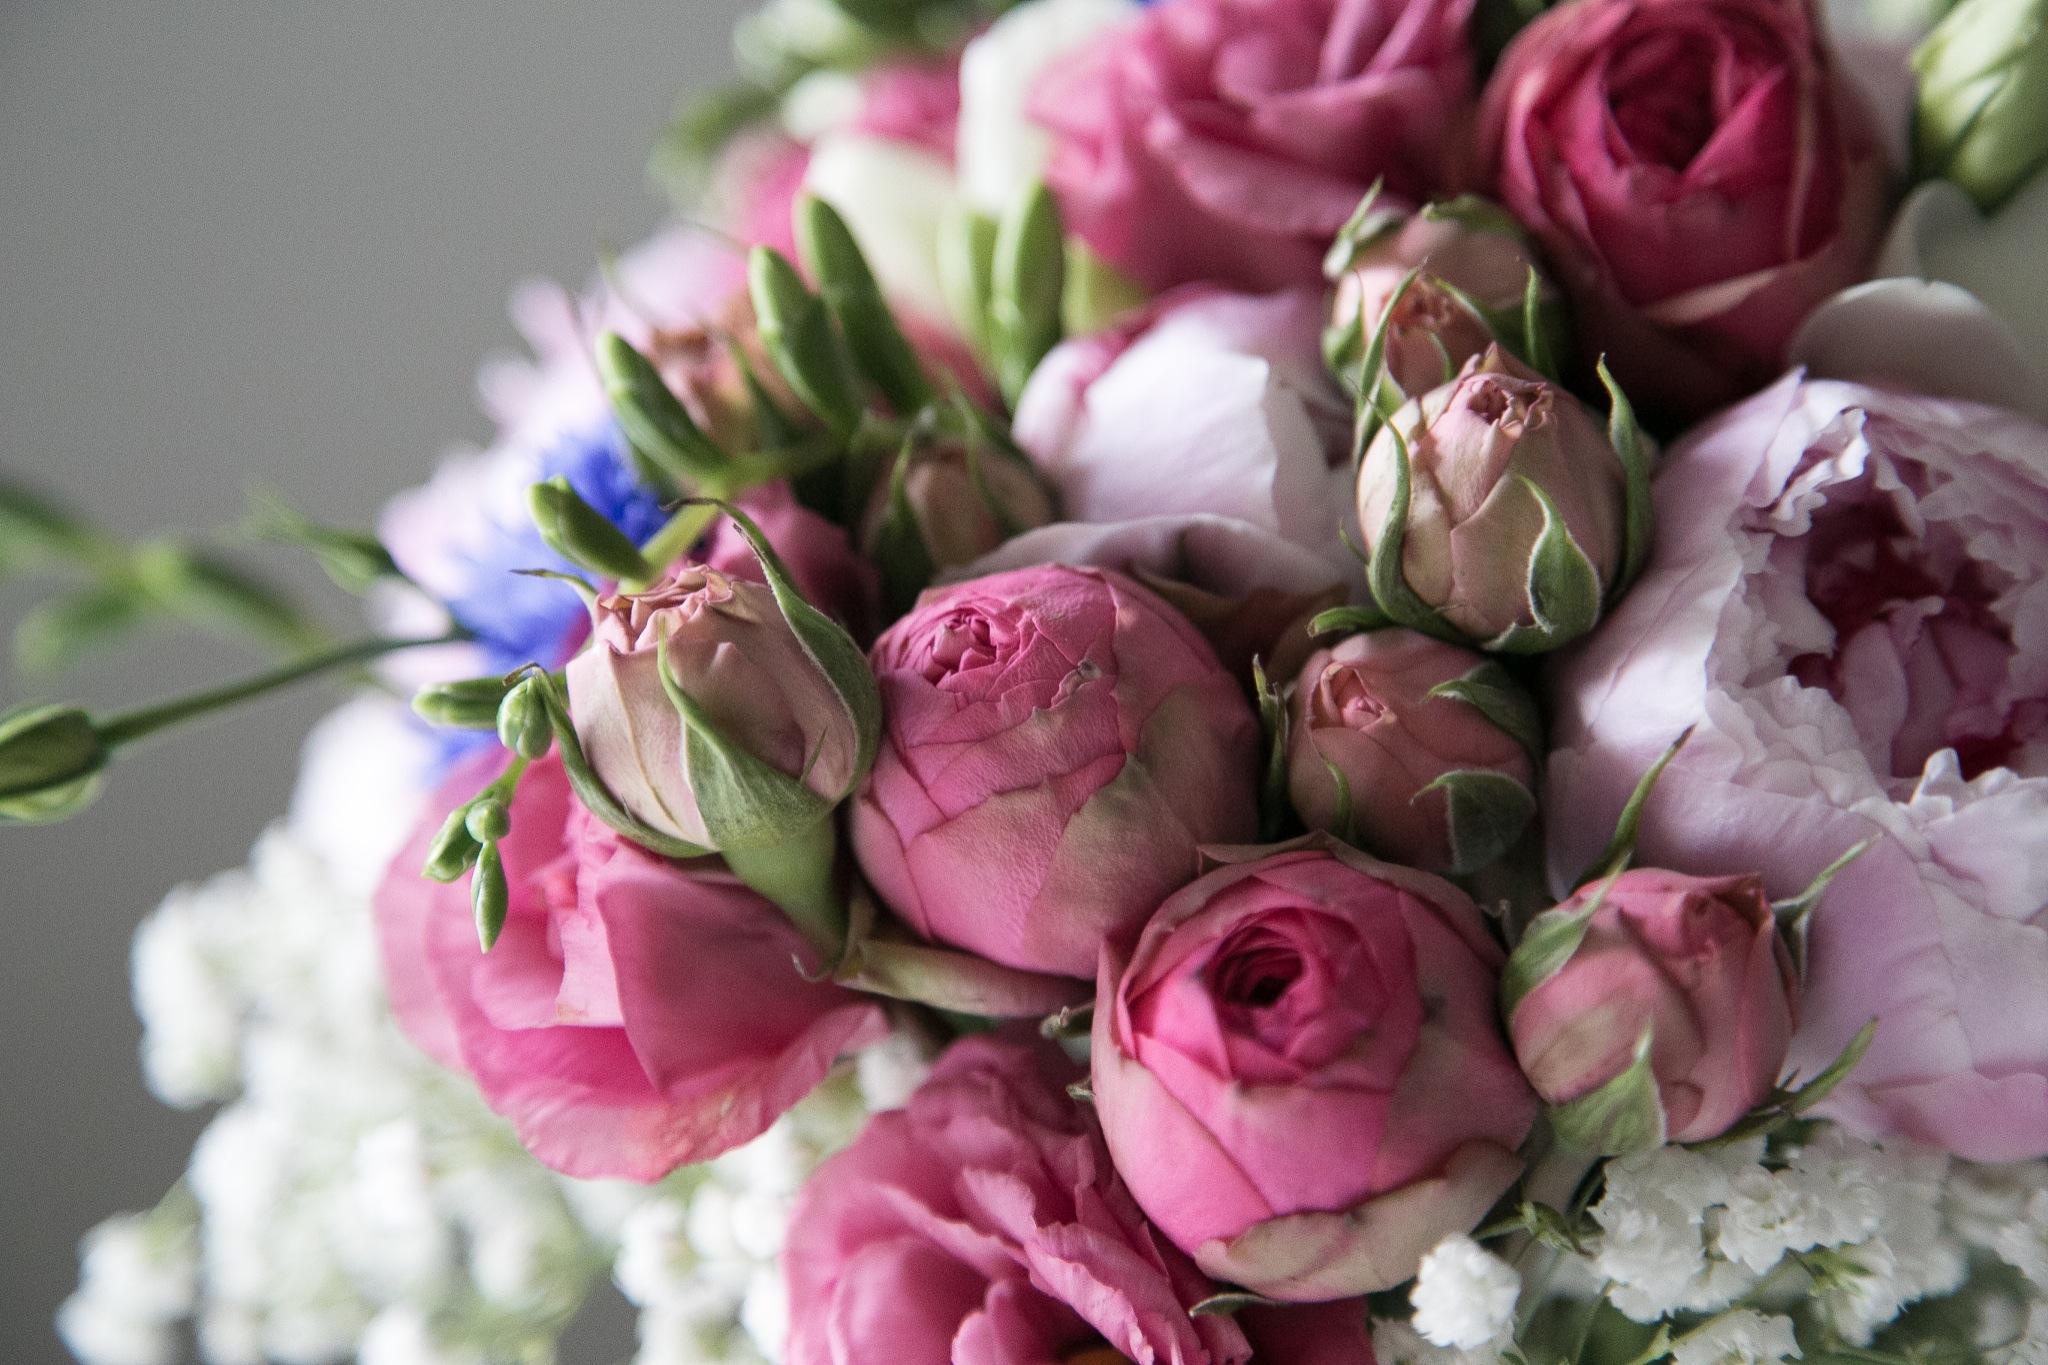 sarahs-flowers-11.jpg